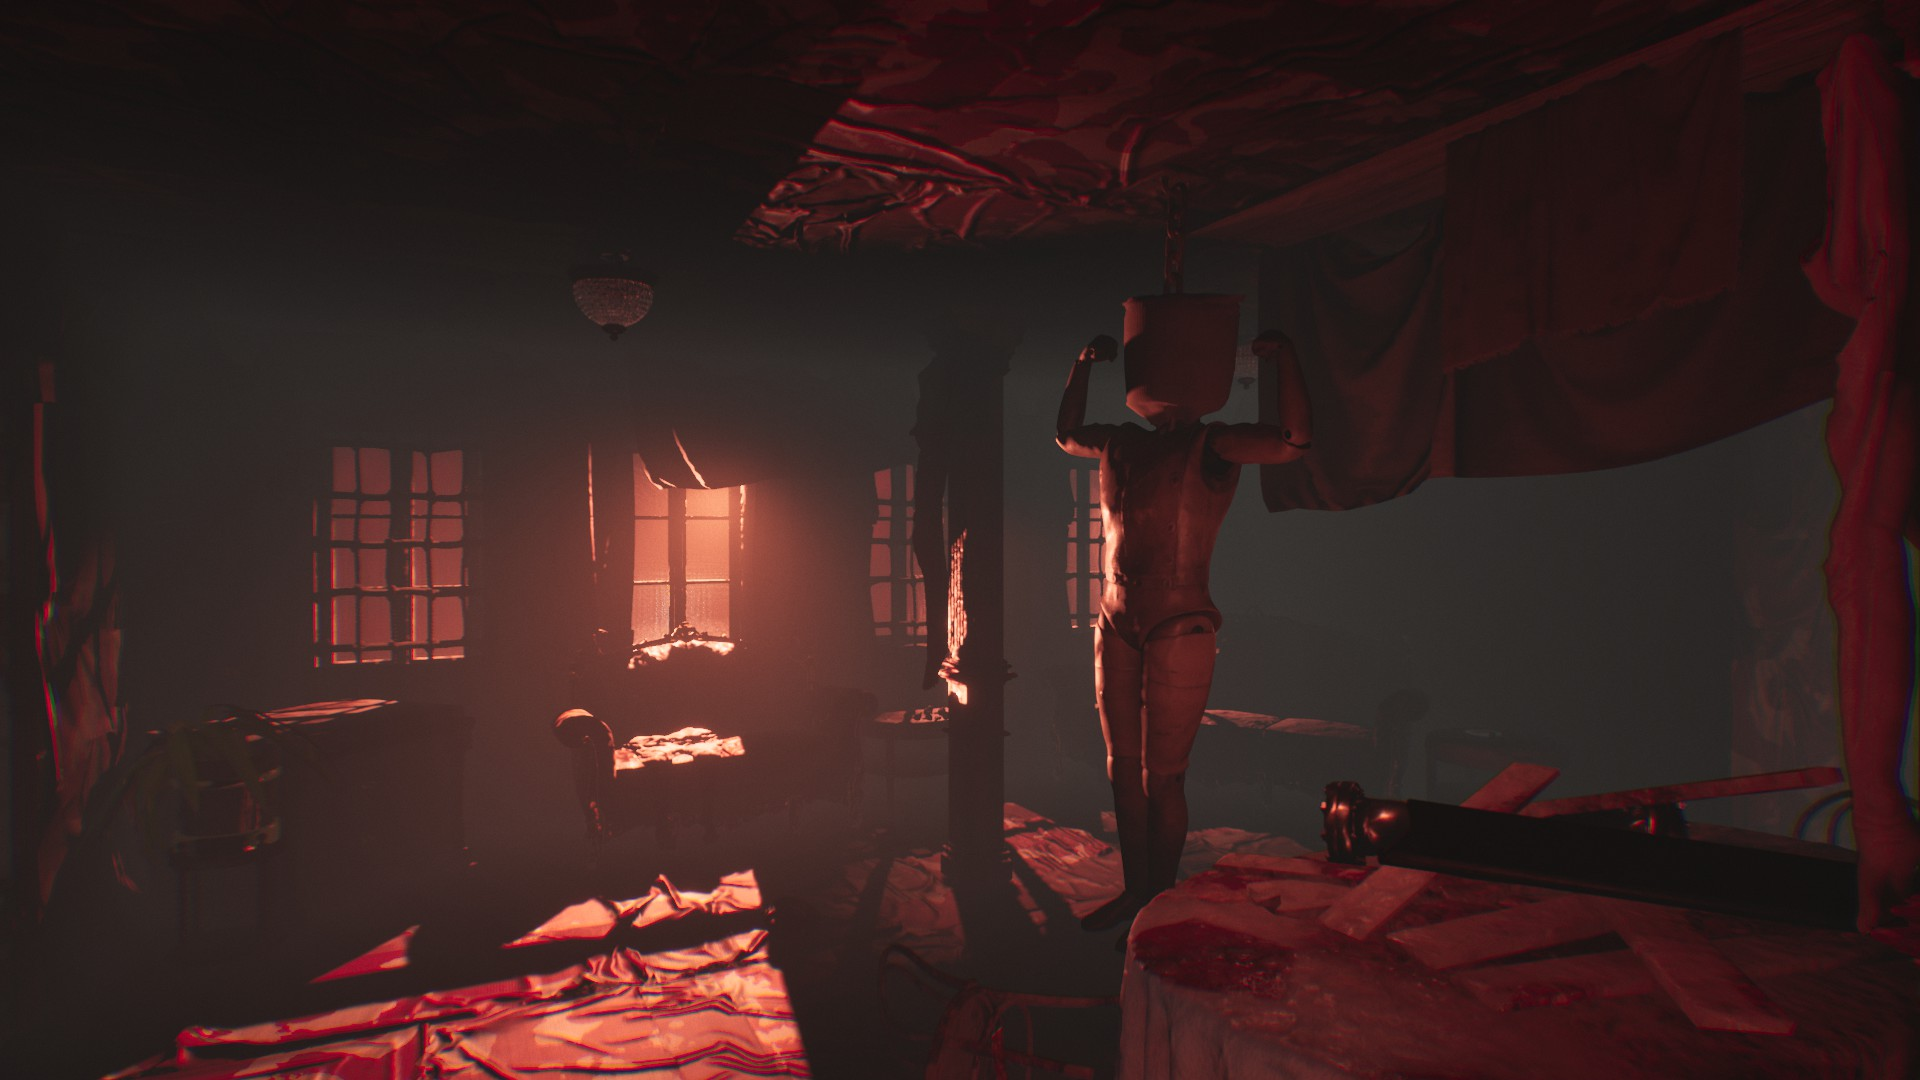 """《层层恐惧2》评测:这次真是""""层层""""恐惧了"""